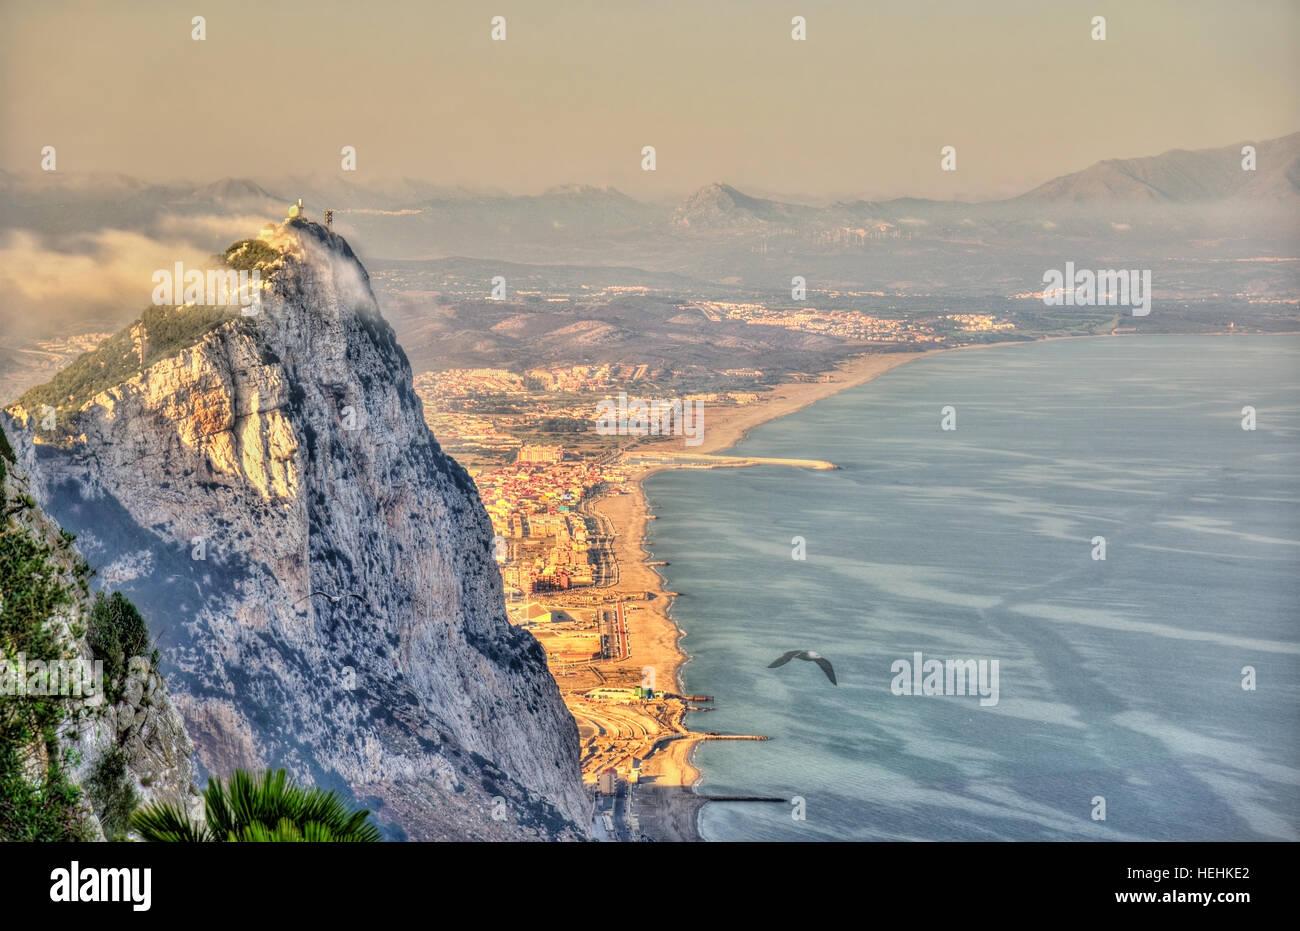 Felsen von Gibraltar im Nebel. Ein britisches Überseegebiet Stockbild